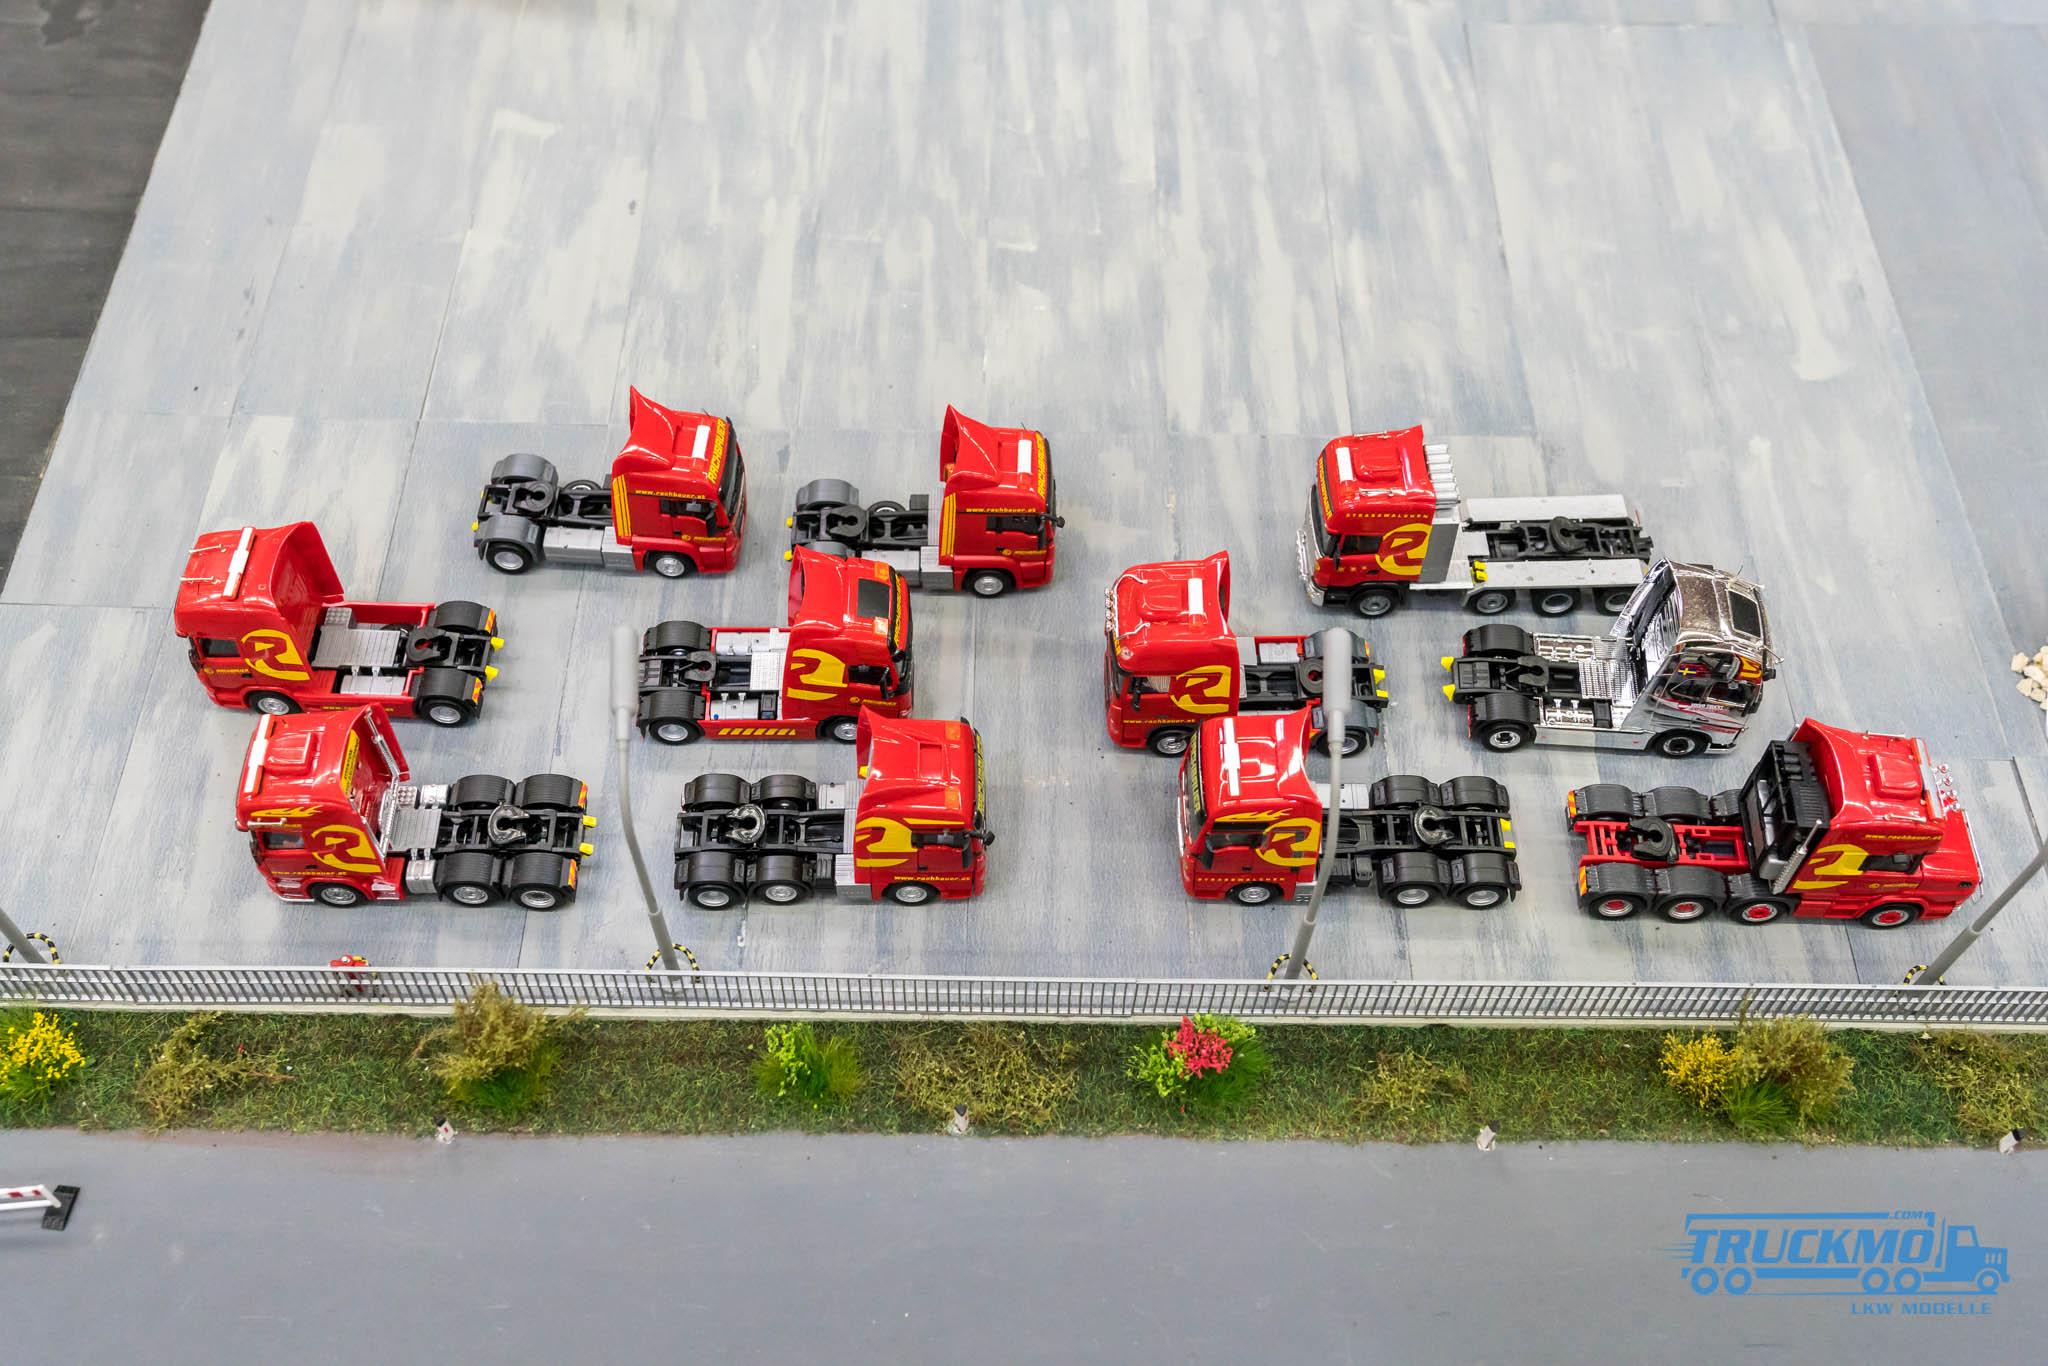 Truckmo_Modellbau_Ried_2017_Herpa_Messe_Modellbauausstellung (247 von 1177)